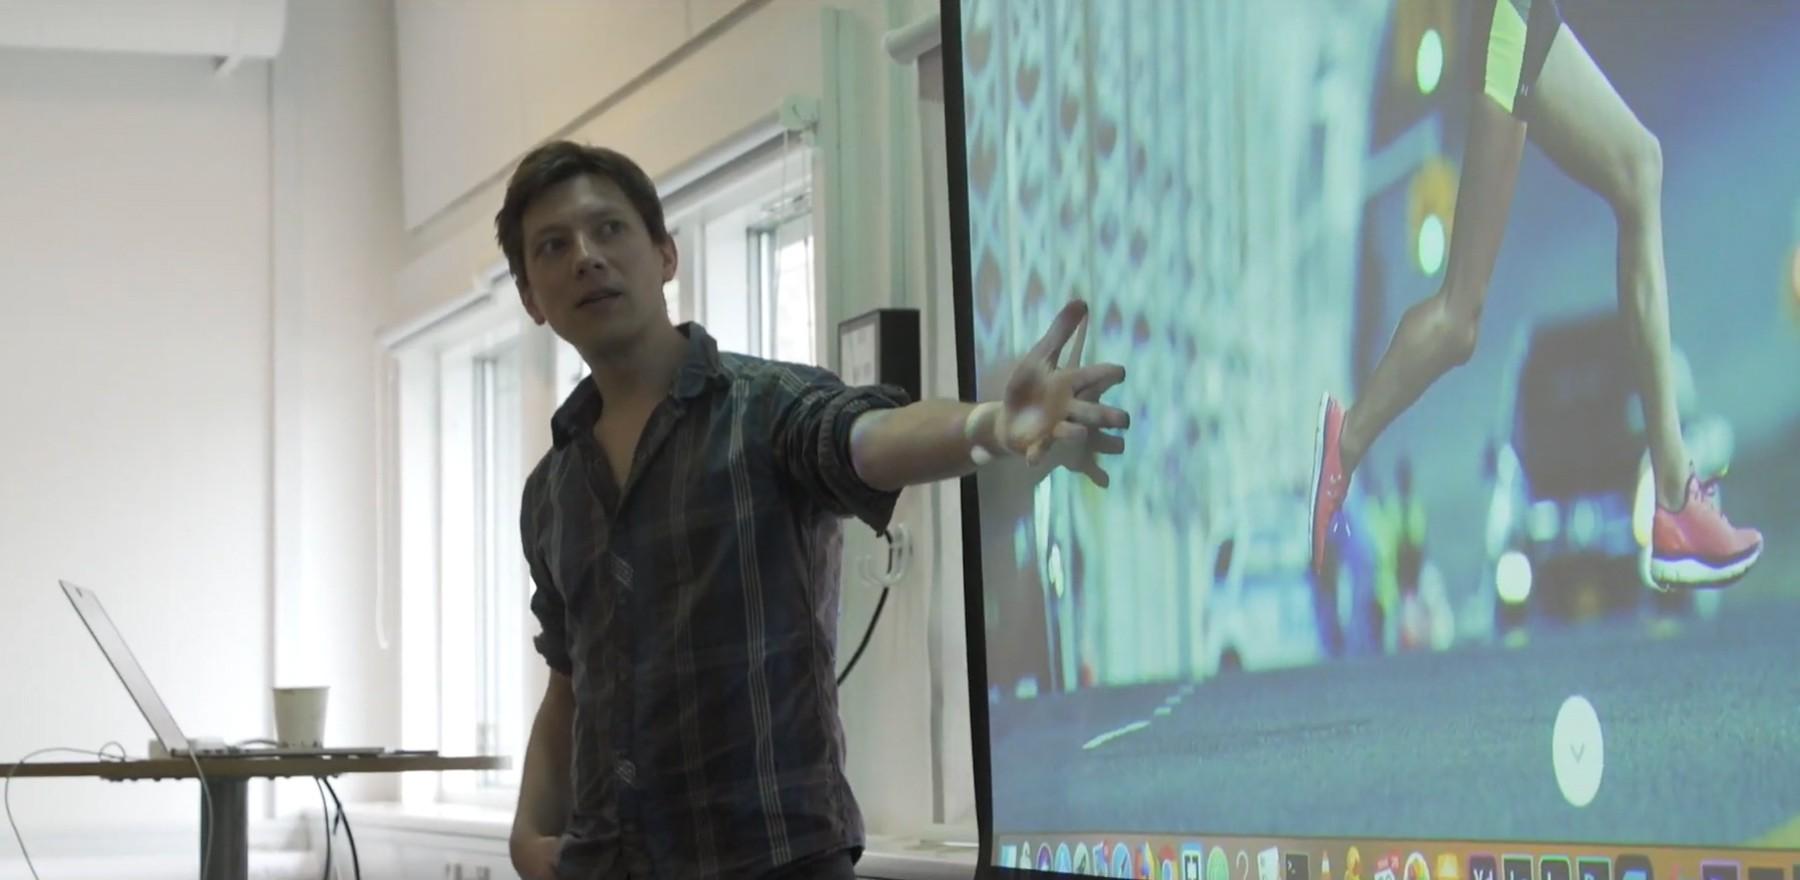 Oplæg og undervisning om grafik og webdesign